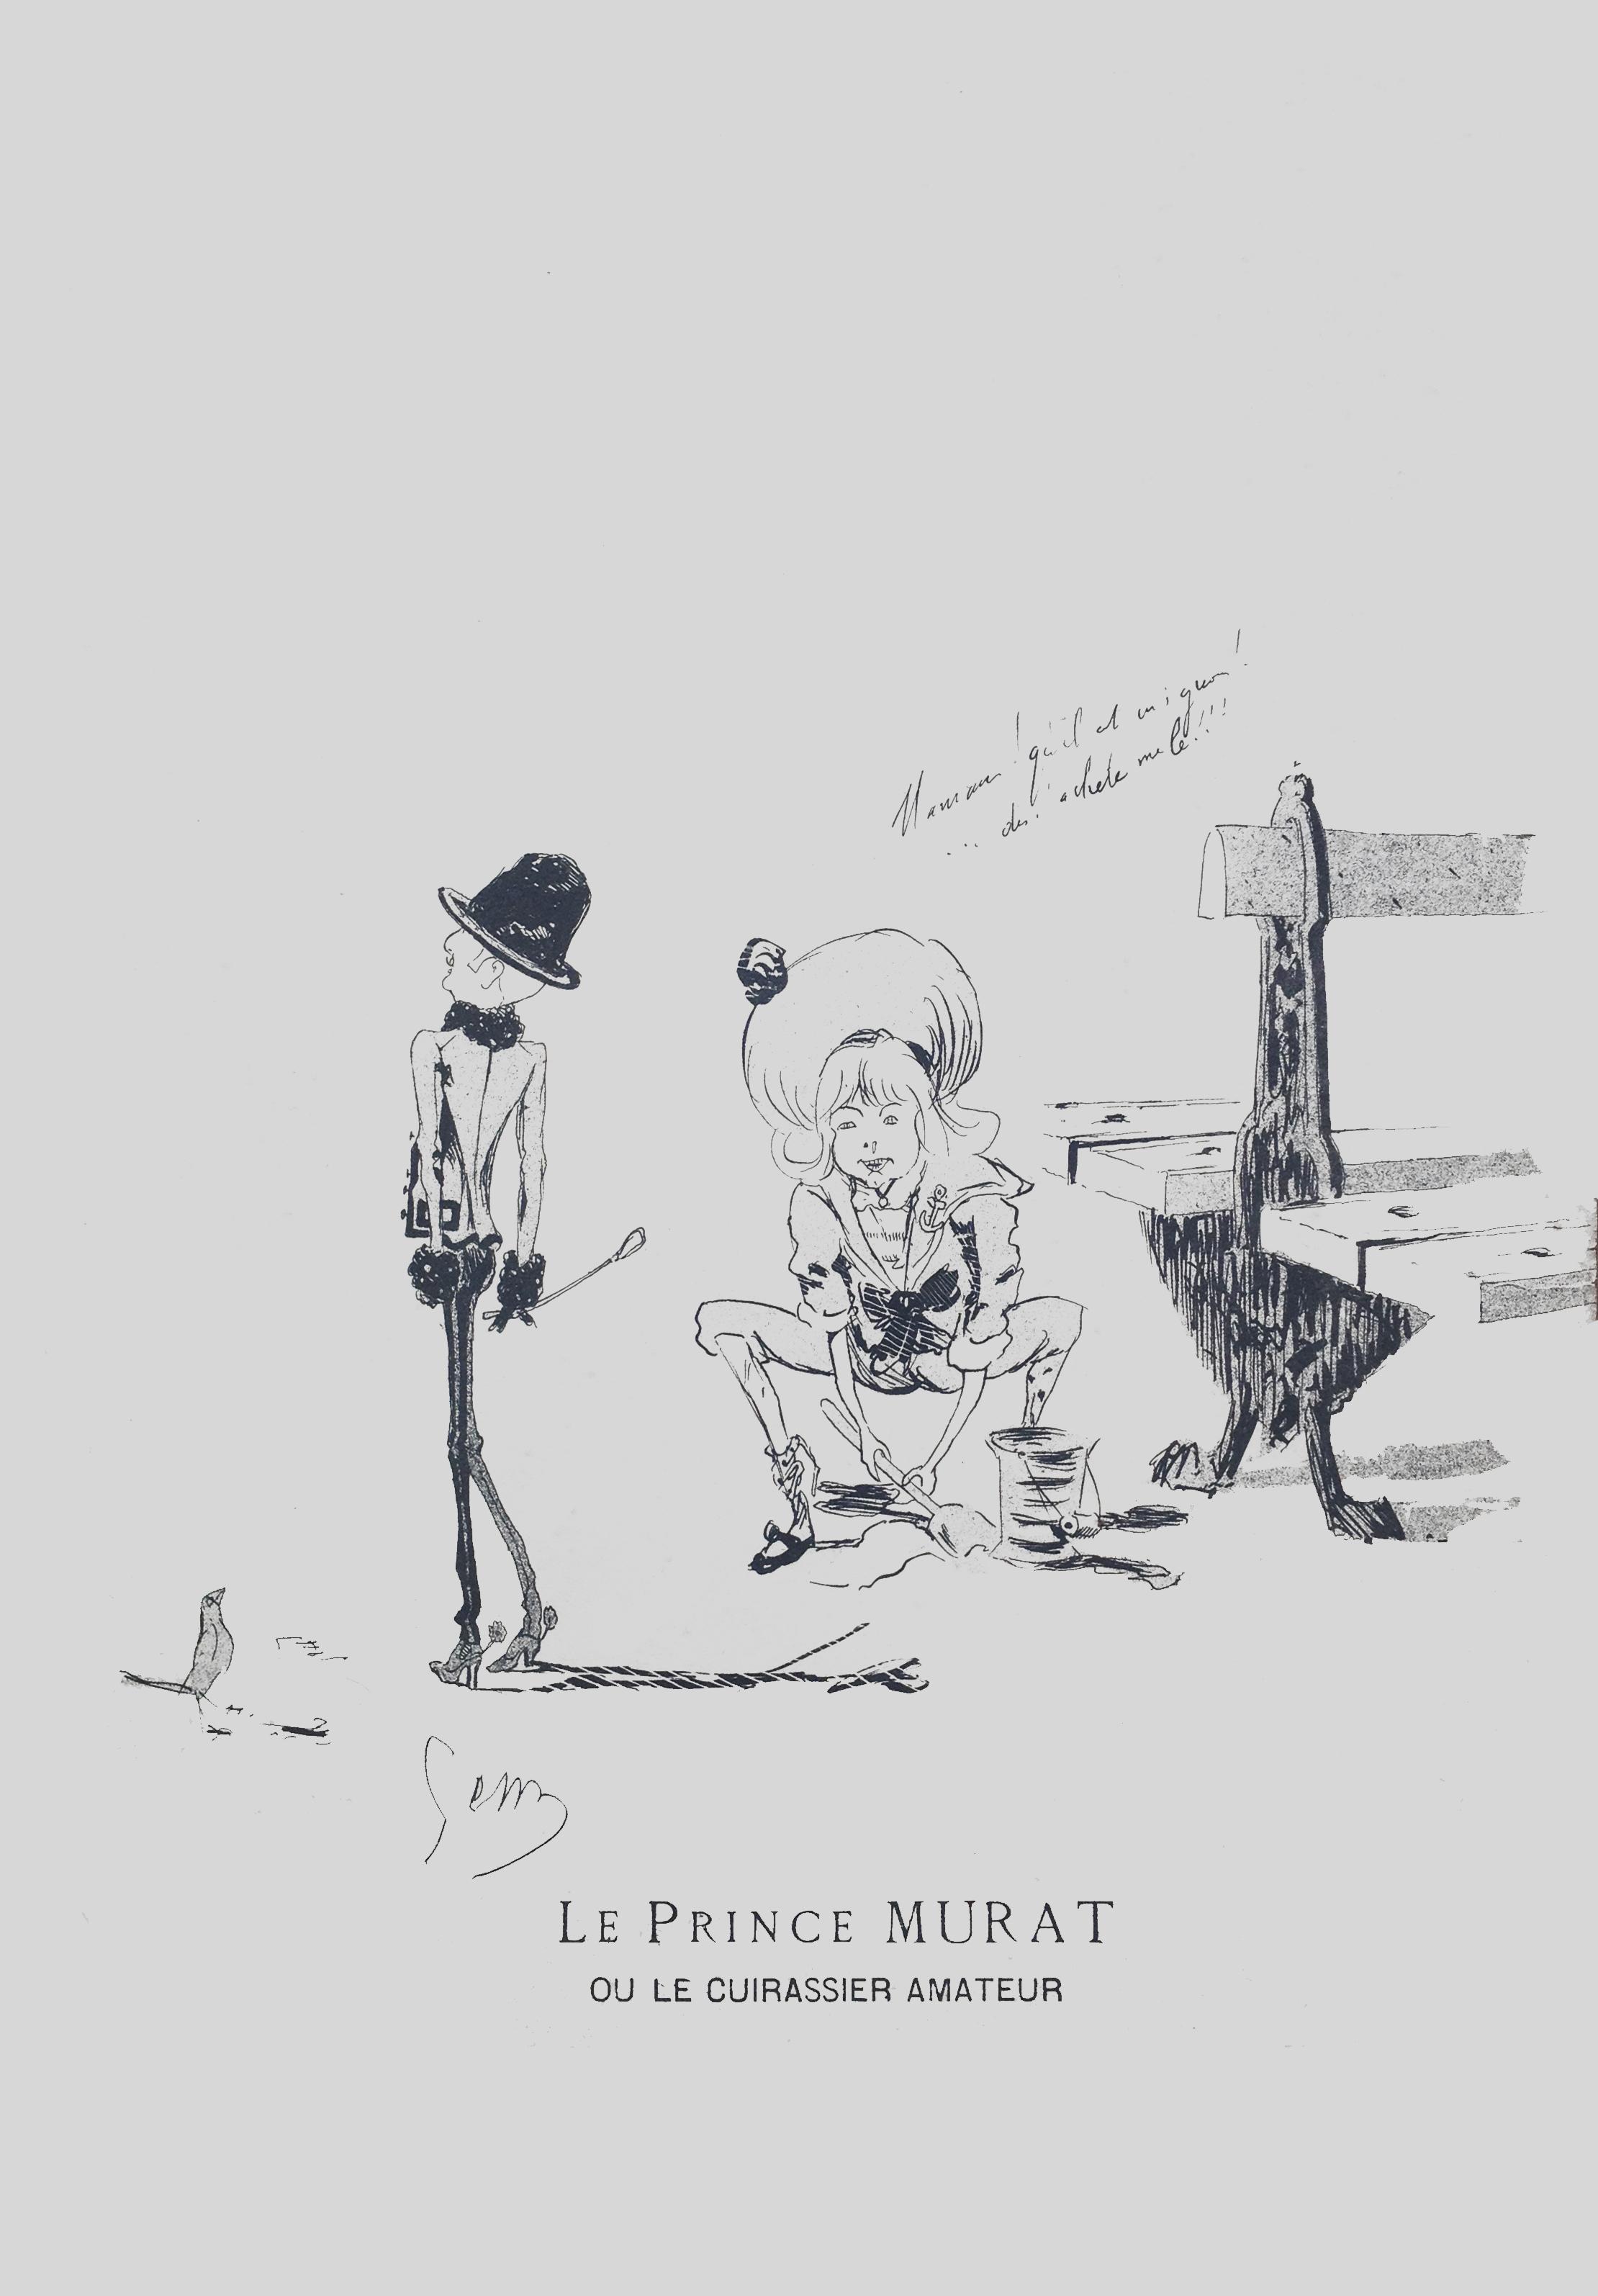 Sem Goursat Album n.3- Planche n.5